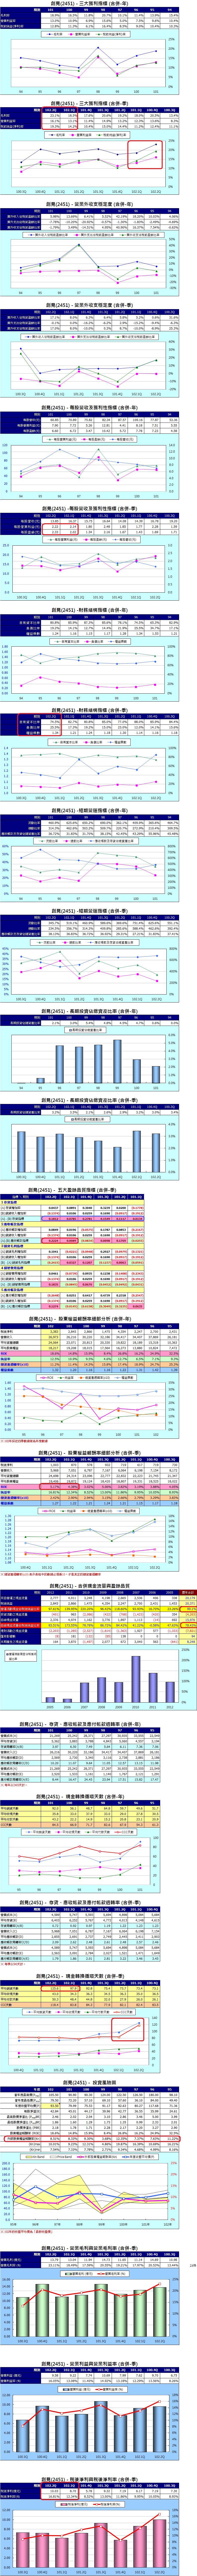 2451細部財務分析